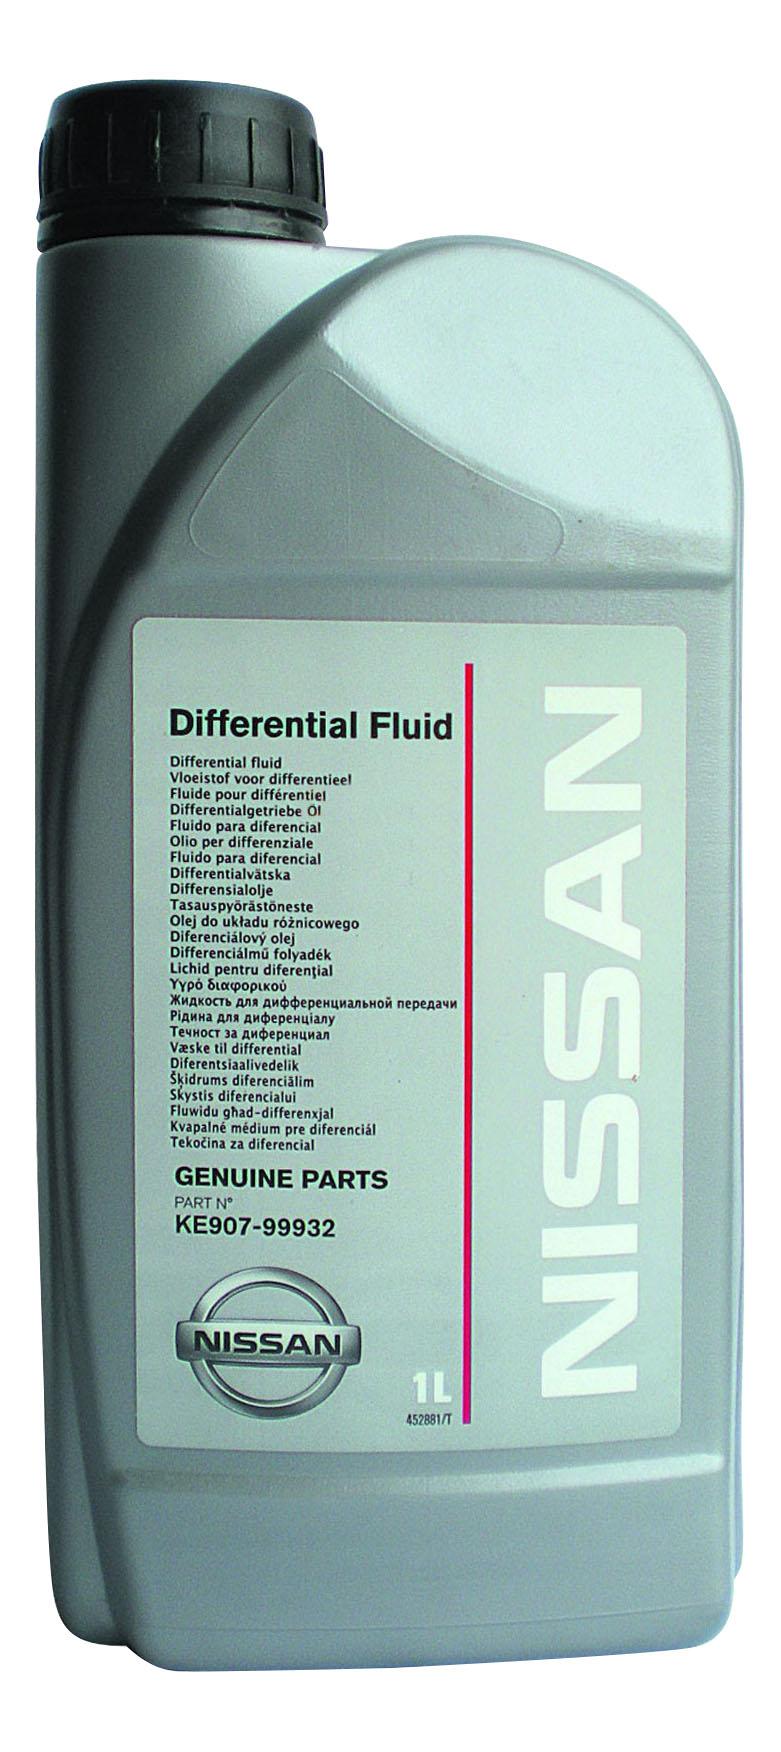 Трансмиссионное масло Nissan 80w90 1л KE90799932R